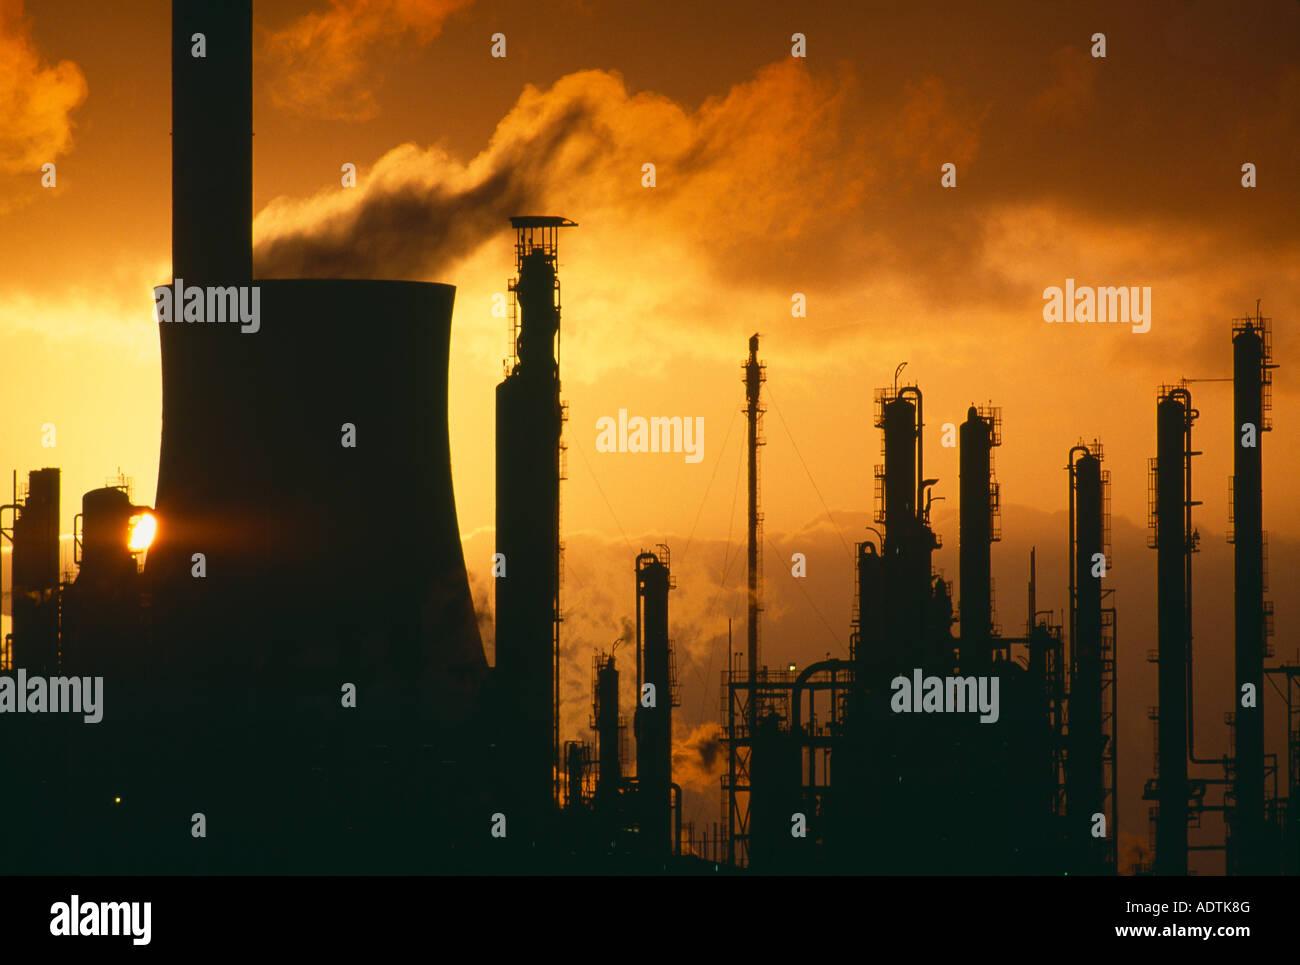 Calentamiento global contaminación eructo chimeneas en una planta química de Port Talbot Gales UK Imagen De Stock